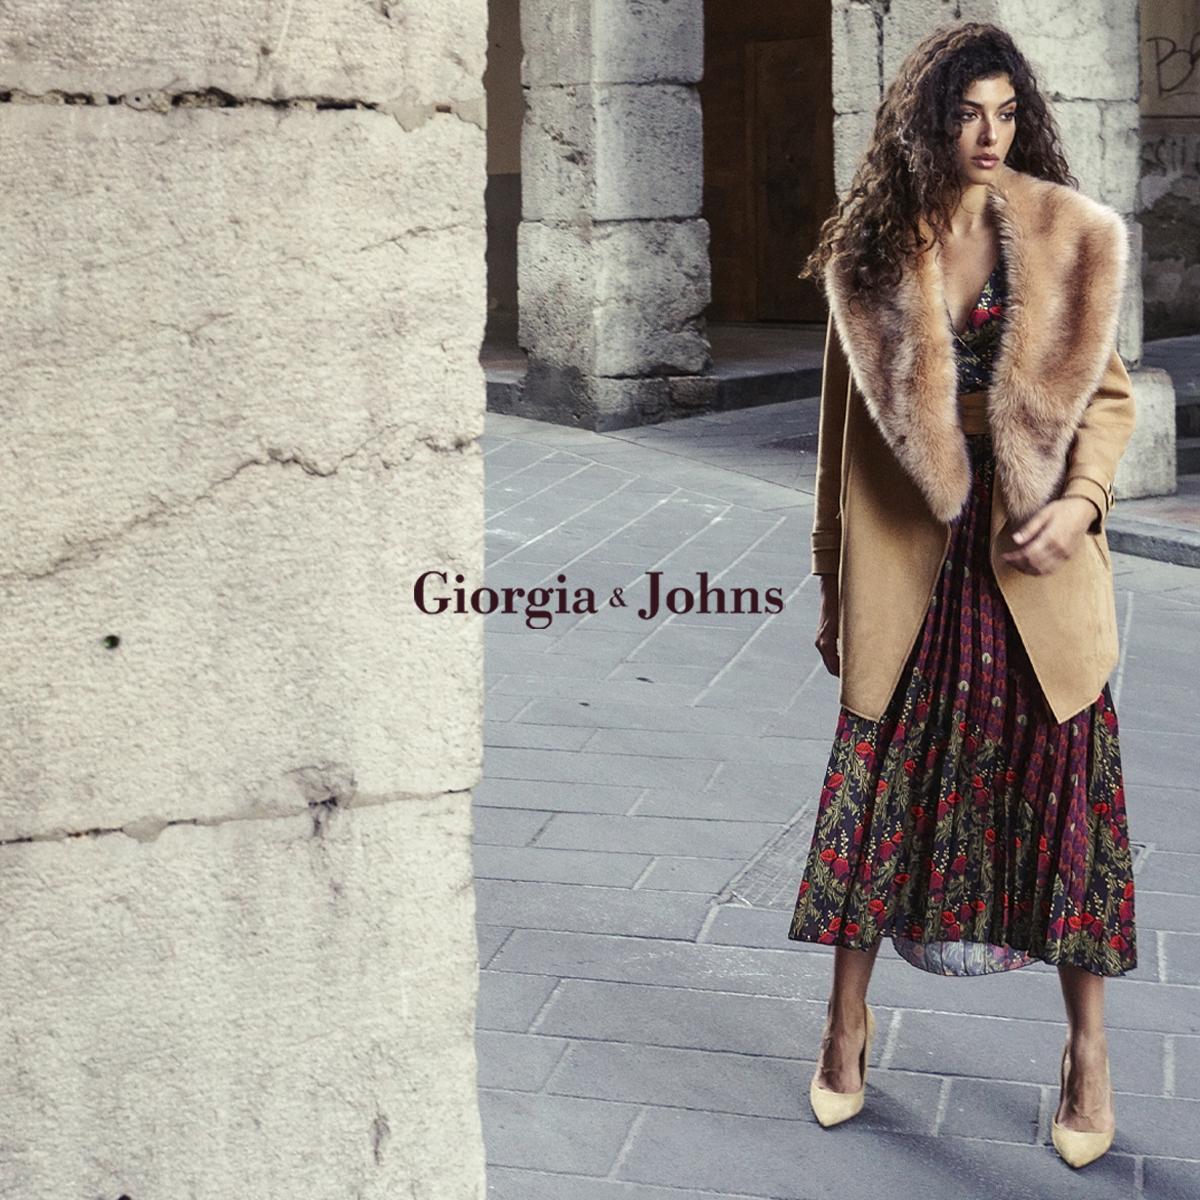 Giorgia&Johns